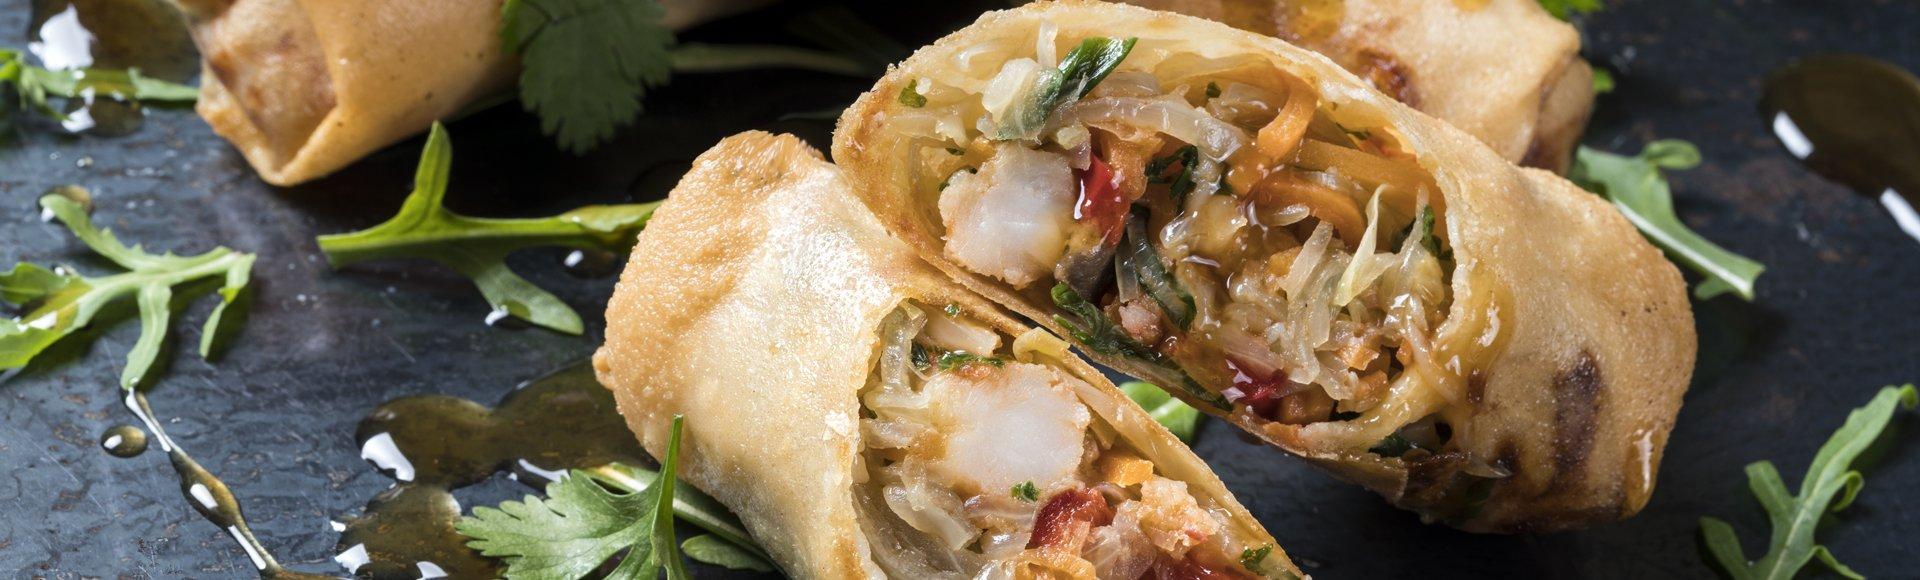 Σπρινγκ ρολς με λαχανικά, γαρίδες και σάλτσα σόγια-τζίντζερ